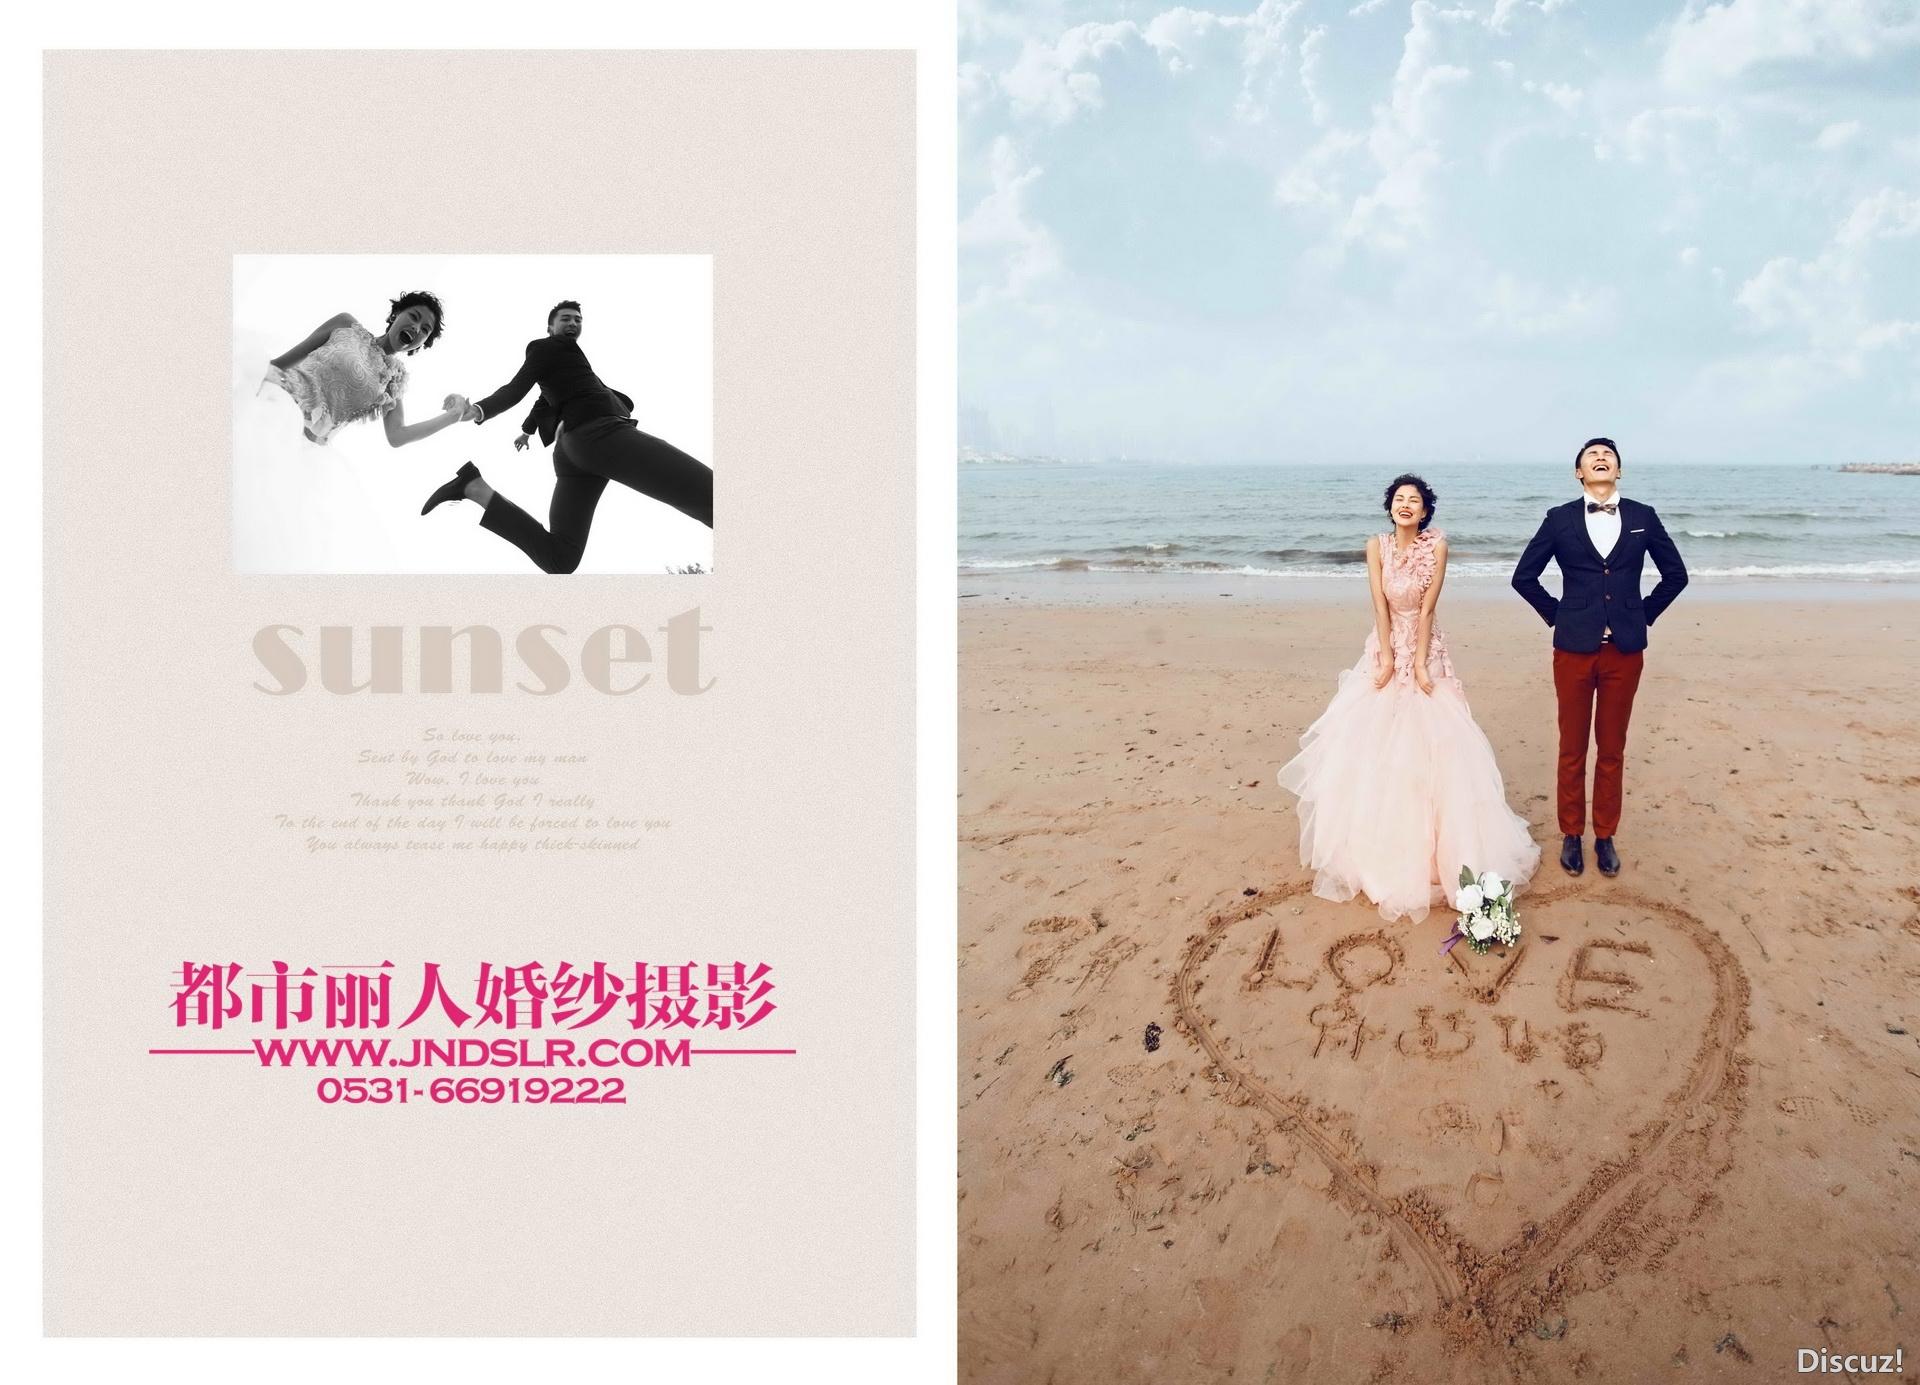 公司于2010年与上海唯一 摄影 集团合作